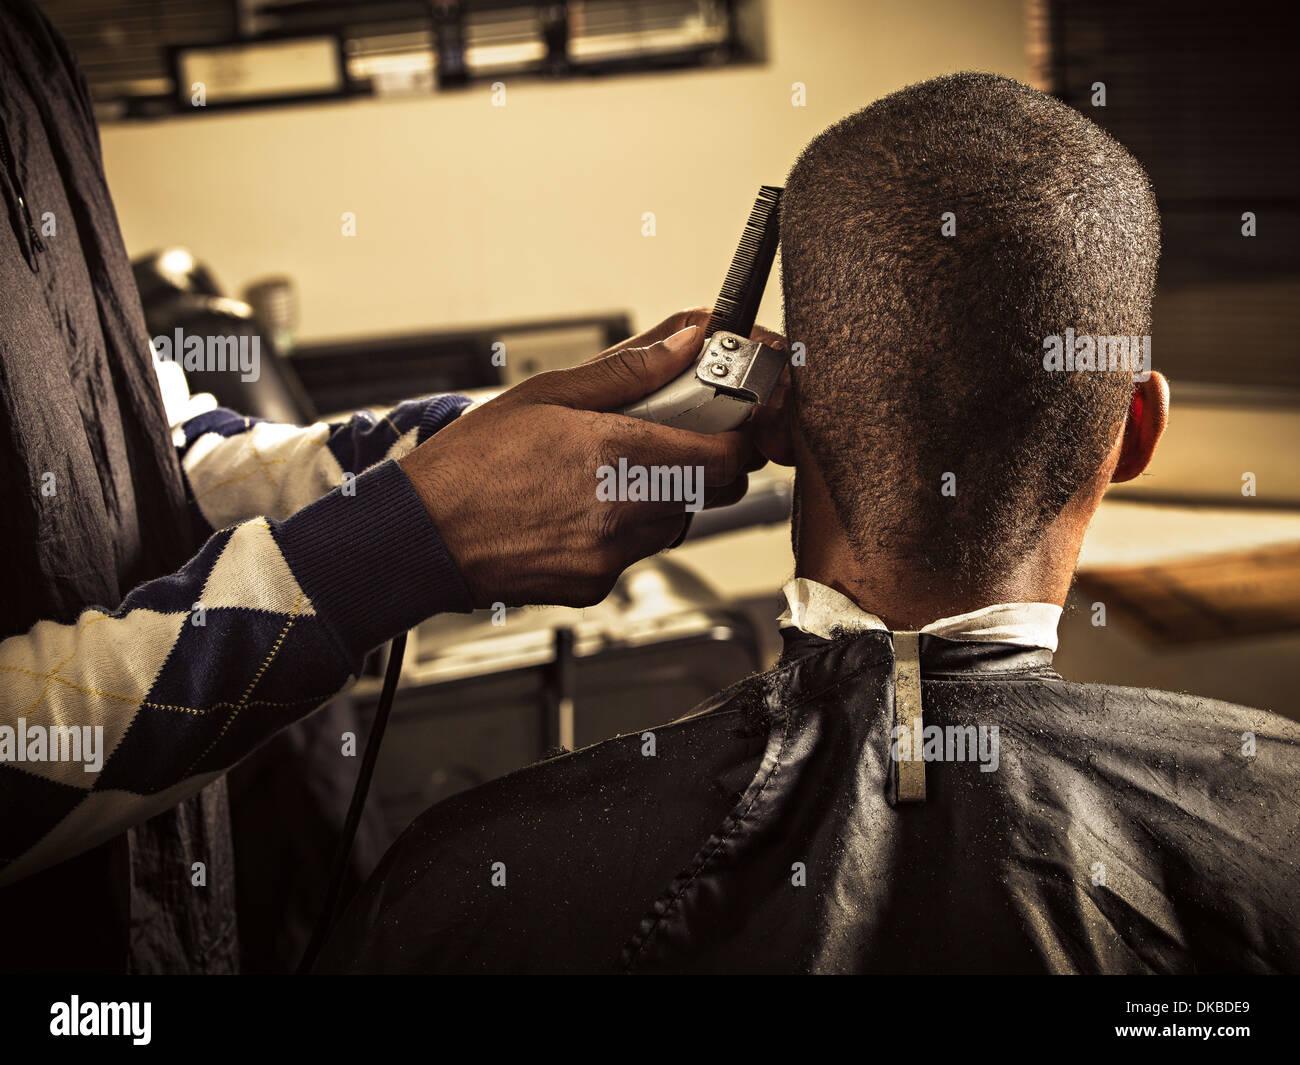 Man having haircut at barber shop - Stock Image